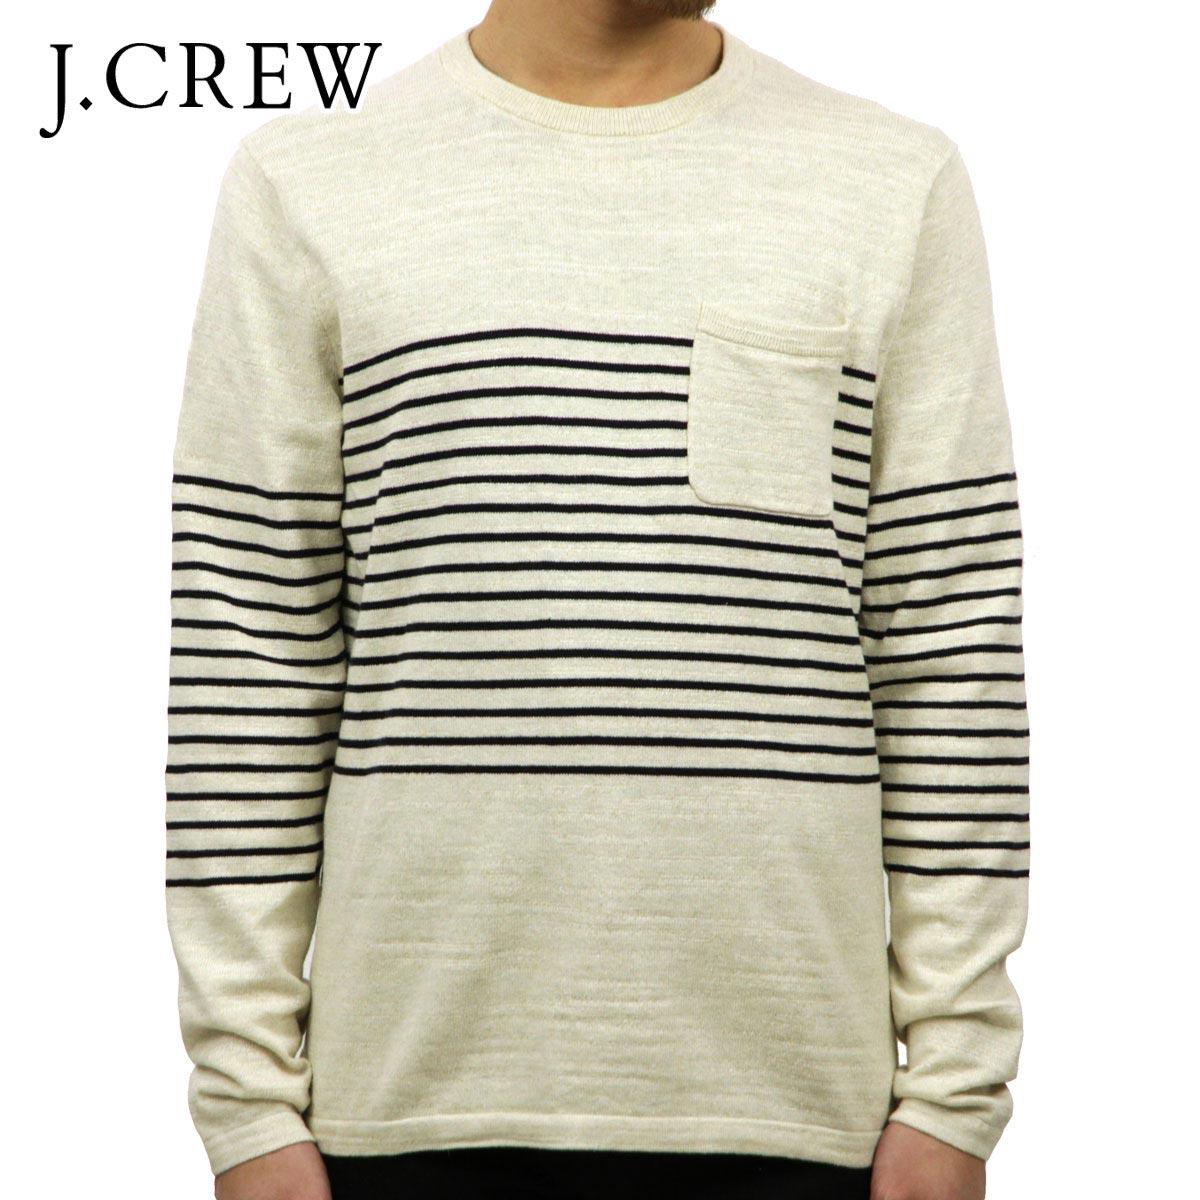 ジェイクルー J.CREW 正規品 メンズ セーター STRIPED CREWNECK SWEATER e6817 D00S20